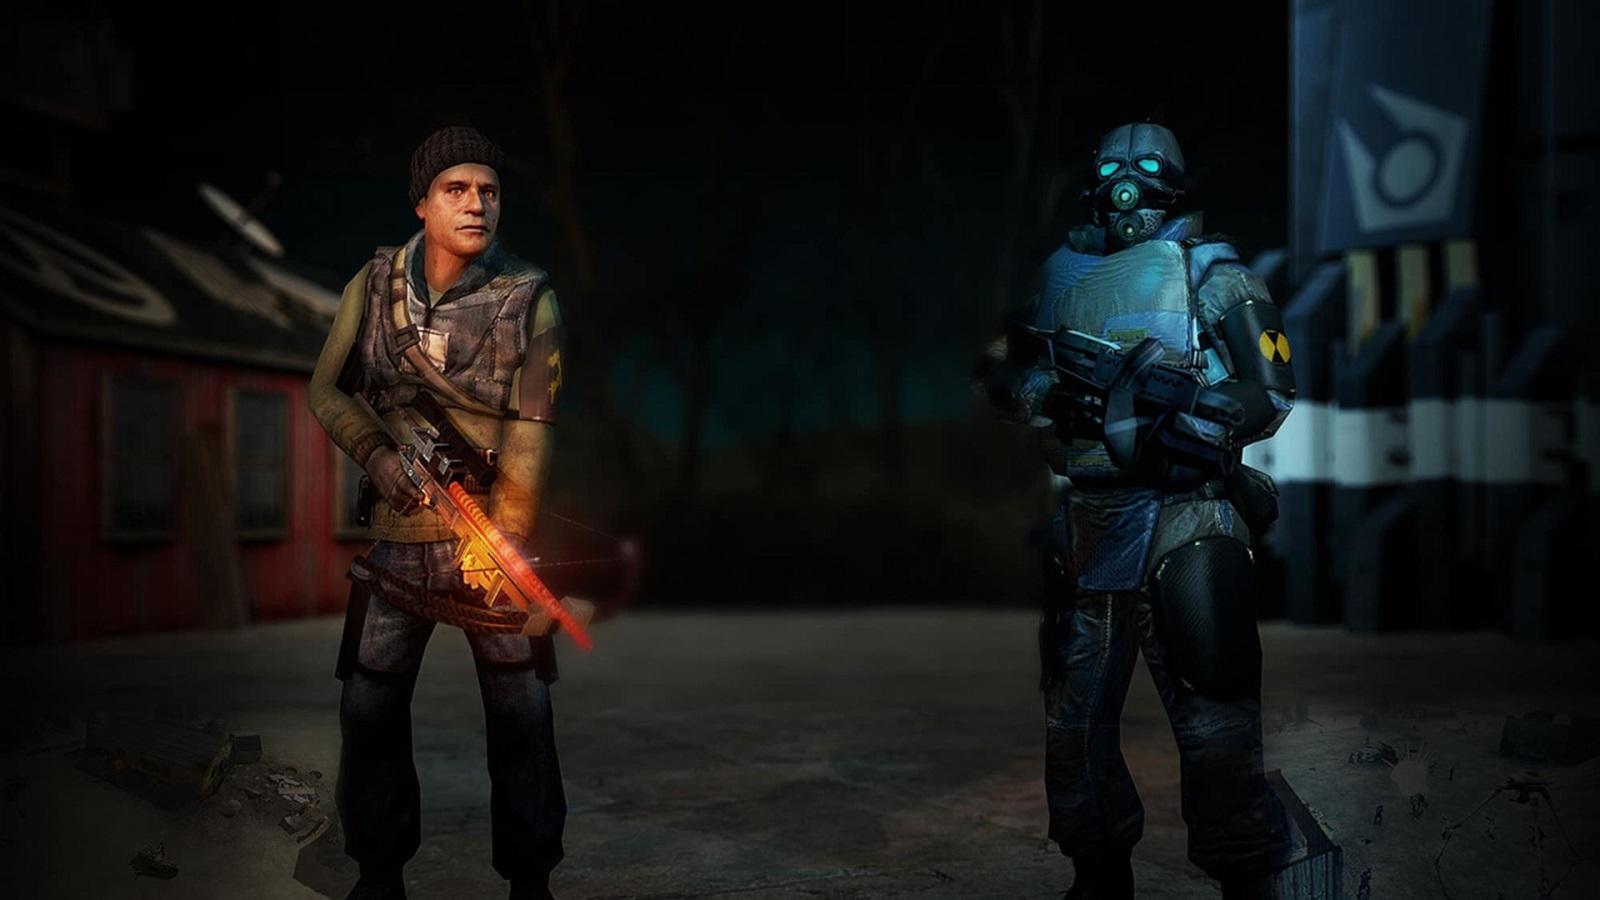 Спустя 13 лет разработки в Steam вышла релизная версия Lambda Wars — фанатской стратегии в мире Half-Life 2